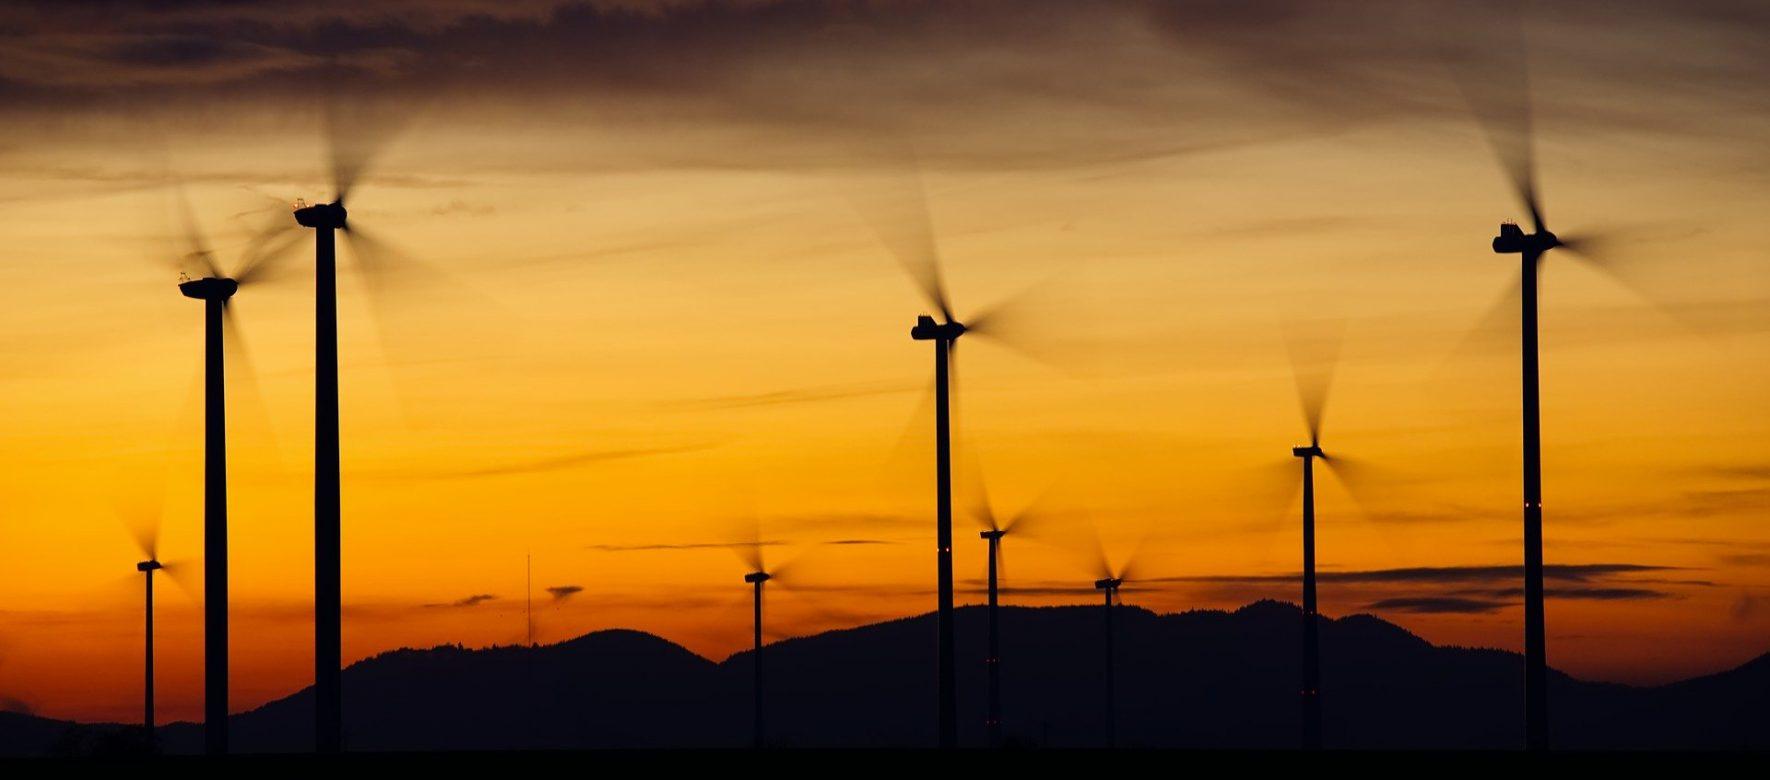 L'Egypte va consacrer 27,6 milliards $ à 691 projets verts au cours de l'année budgétaire 2020/21